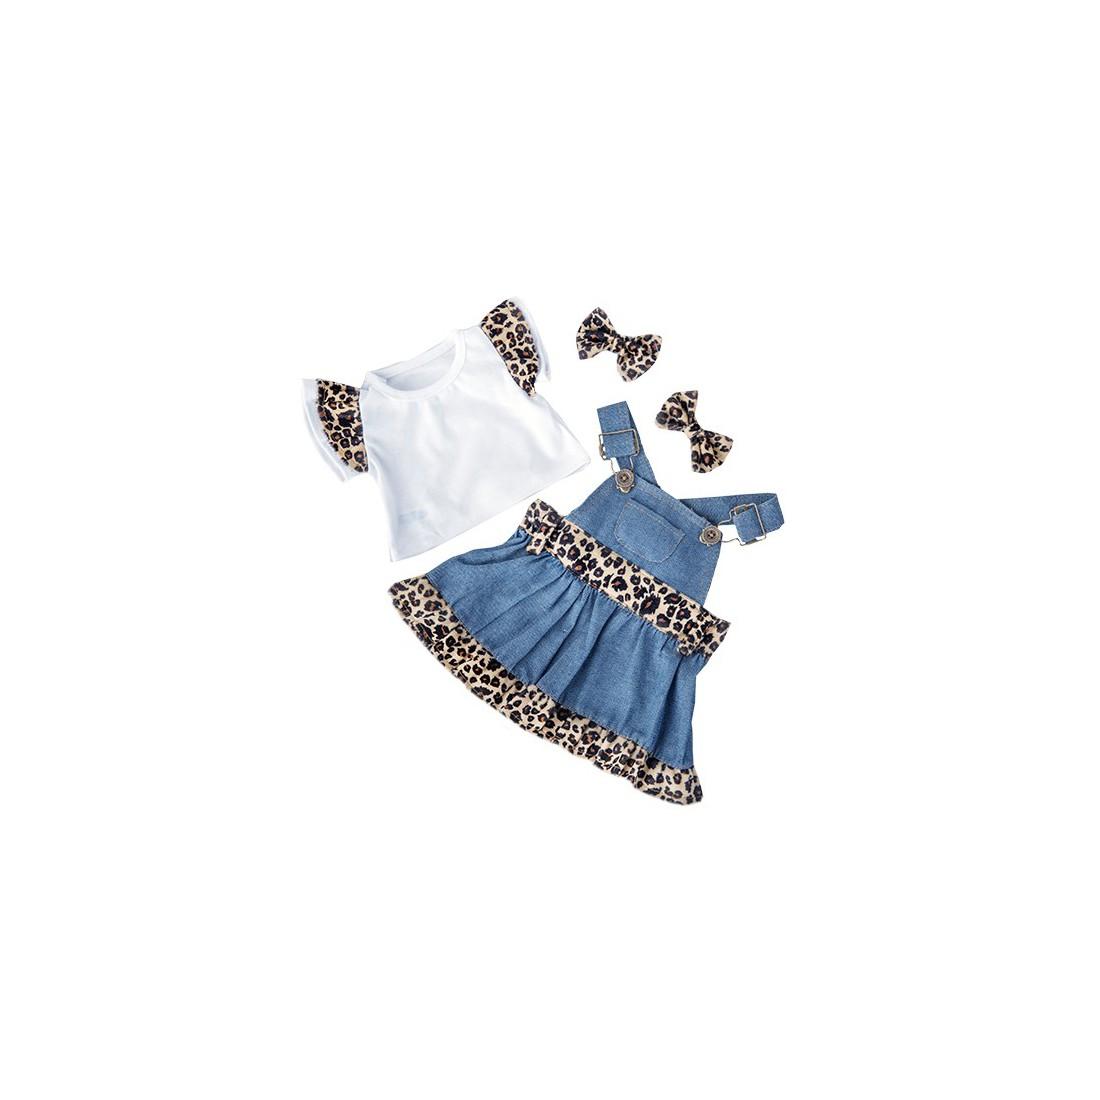 robe léopard avec t-shirt et noeud papillon 40 cm  - la tenue idéale pour les peluches personnalisées ! ,  40 cm  - La tenue idé